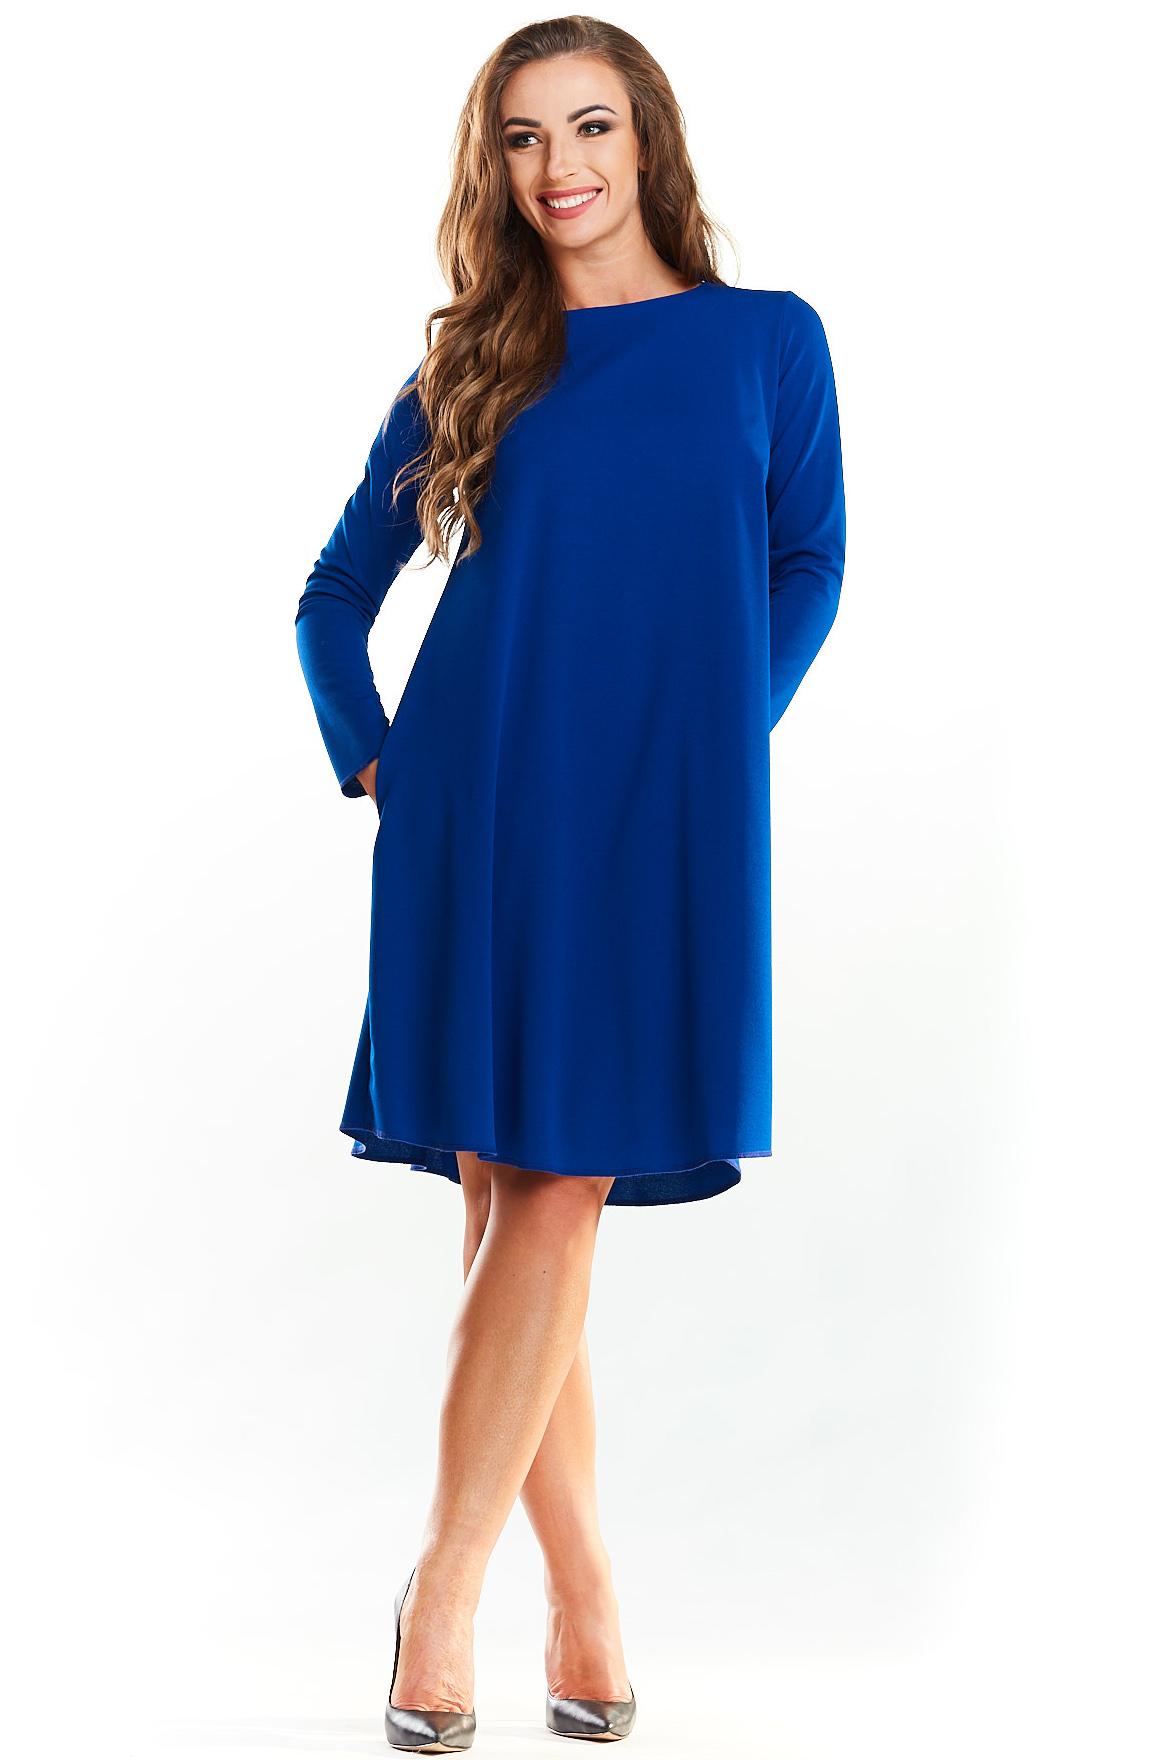 5486a69779 Trapezowa prosta sukienka do kolan niebieska - kurier już od 5